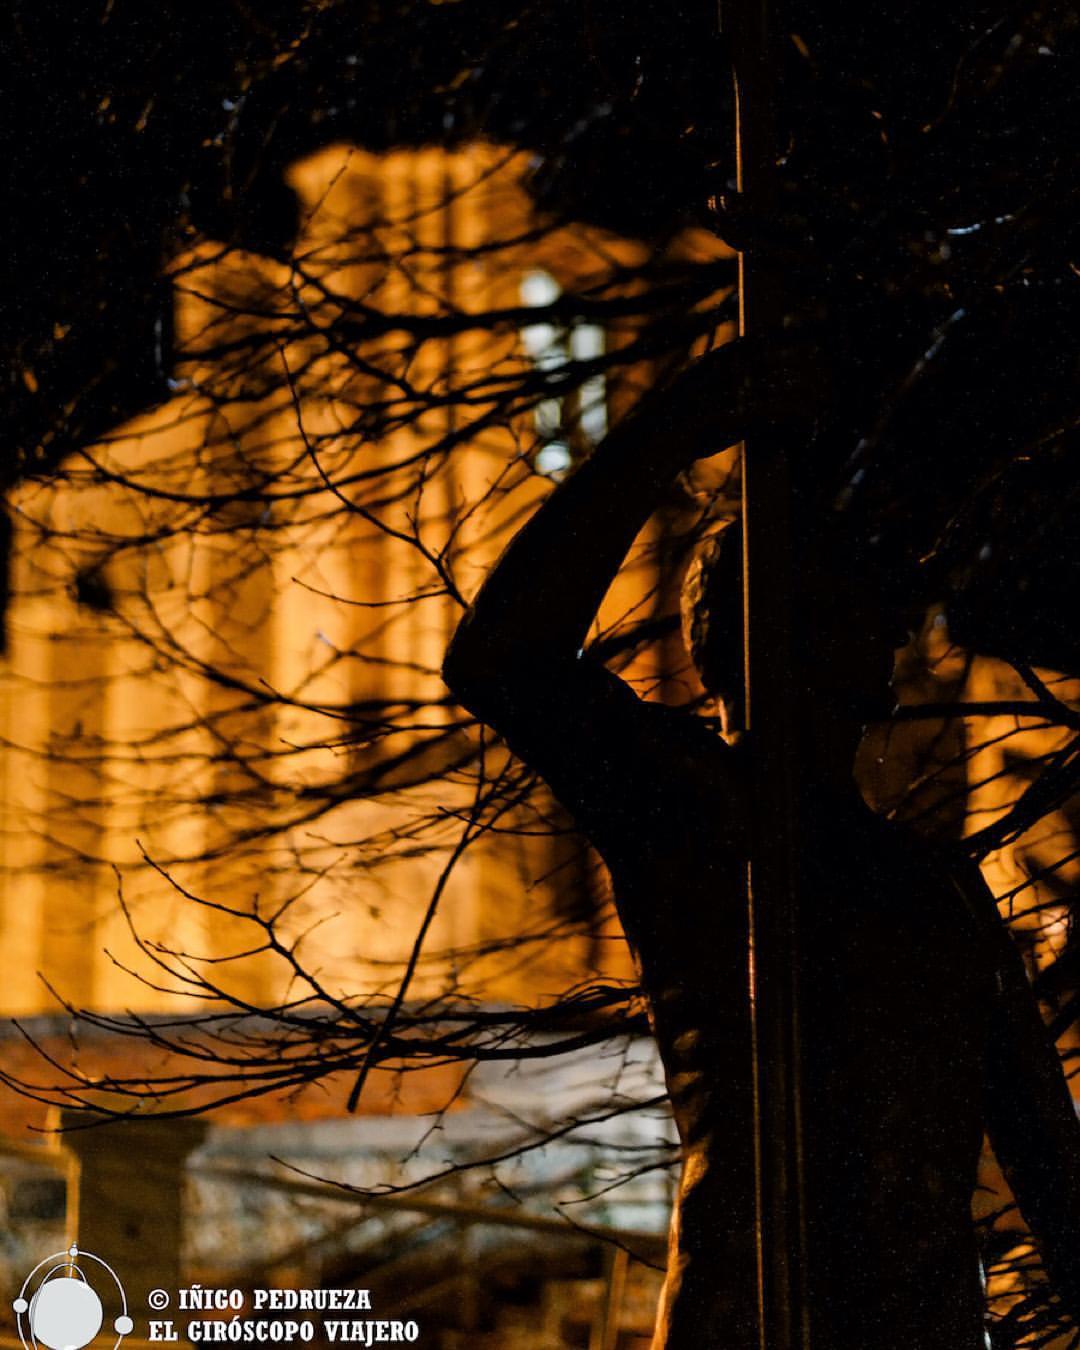 Iglesia de Santa María y estatua dedicada a los remeros. ©Iñigo Pedrueza.